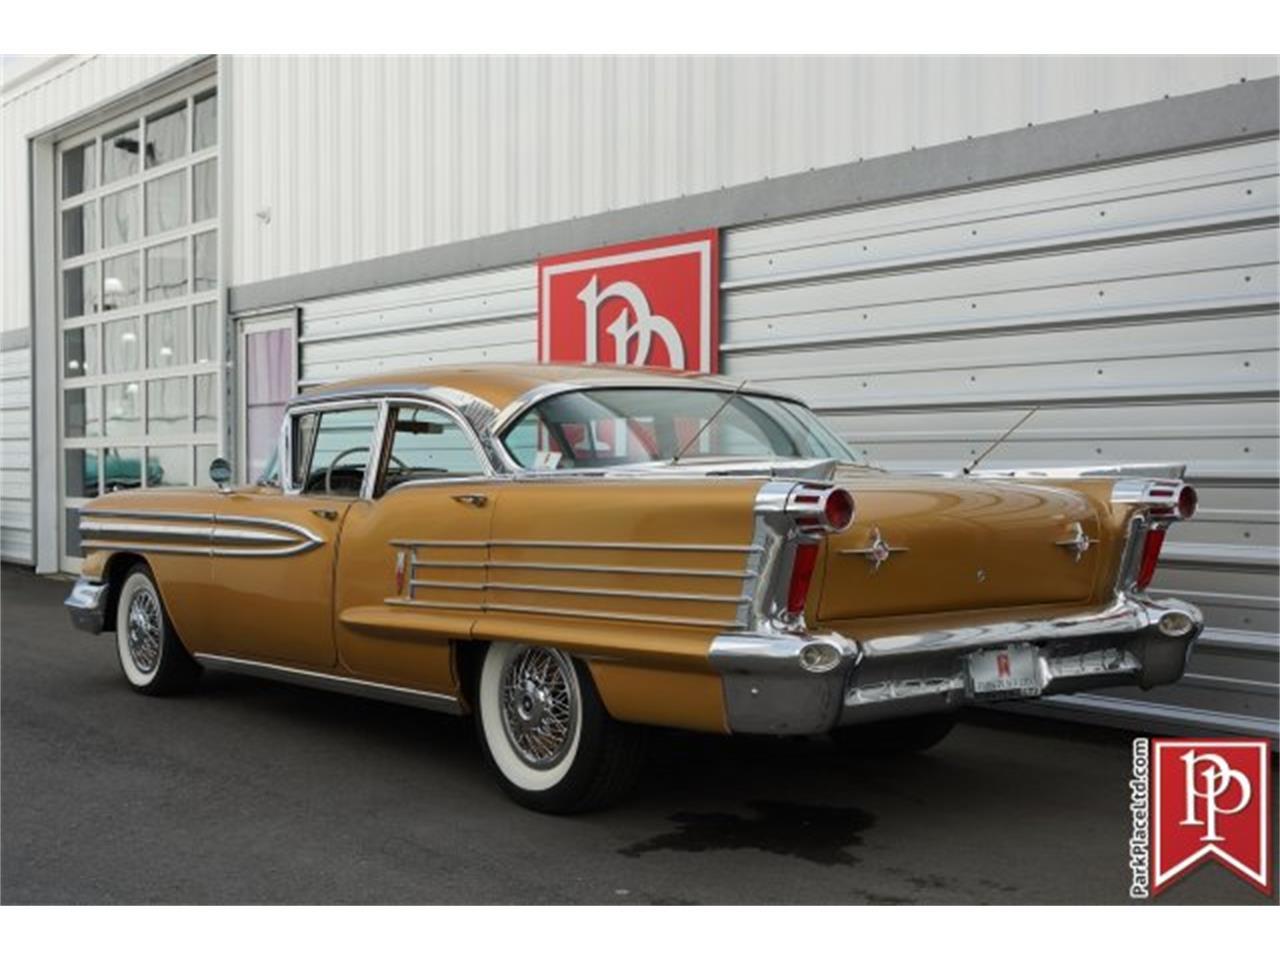 For Sale: 1958 Oldsmobile Super 88 in Bellevue, Washington